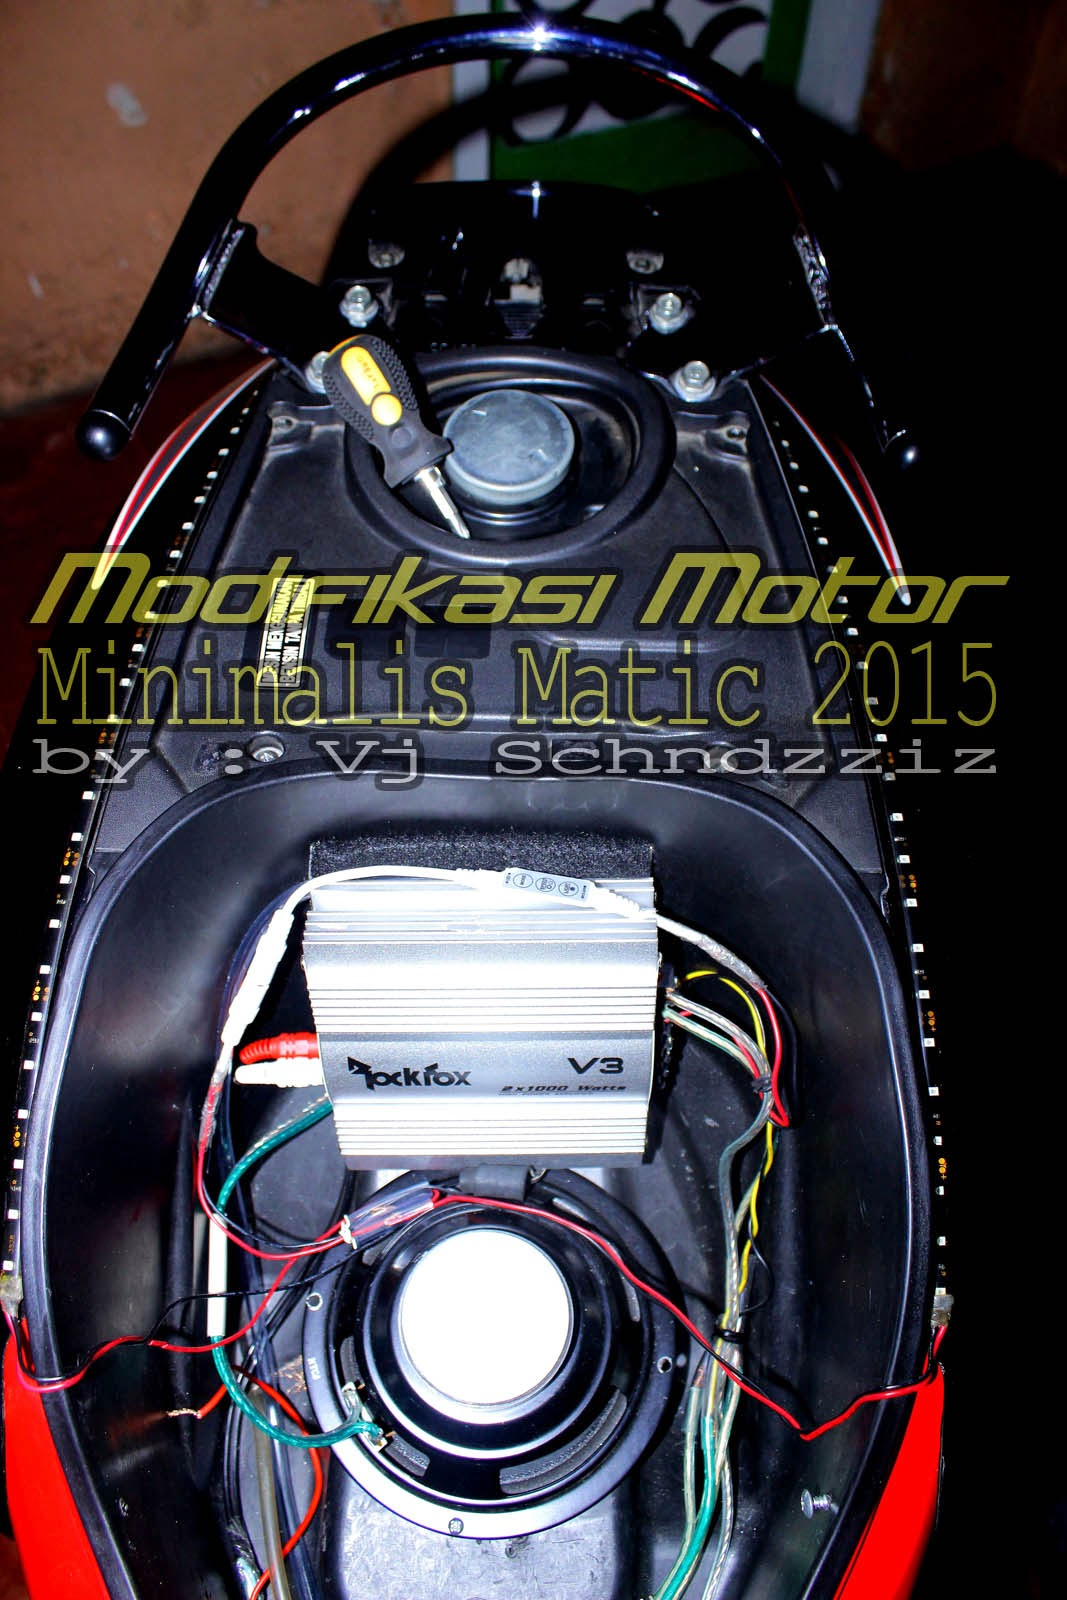 Modifikasi Motor Bebek Paling Keren Wallpaper Modifikasi Motor